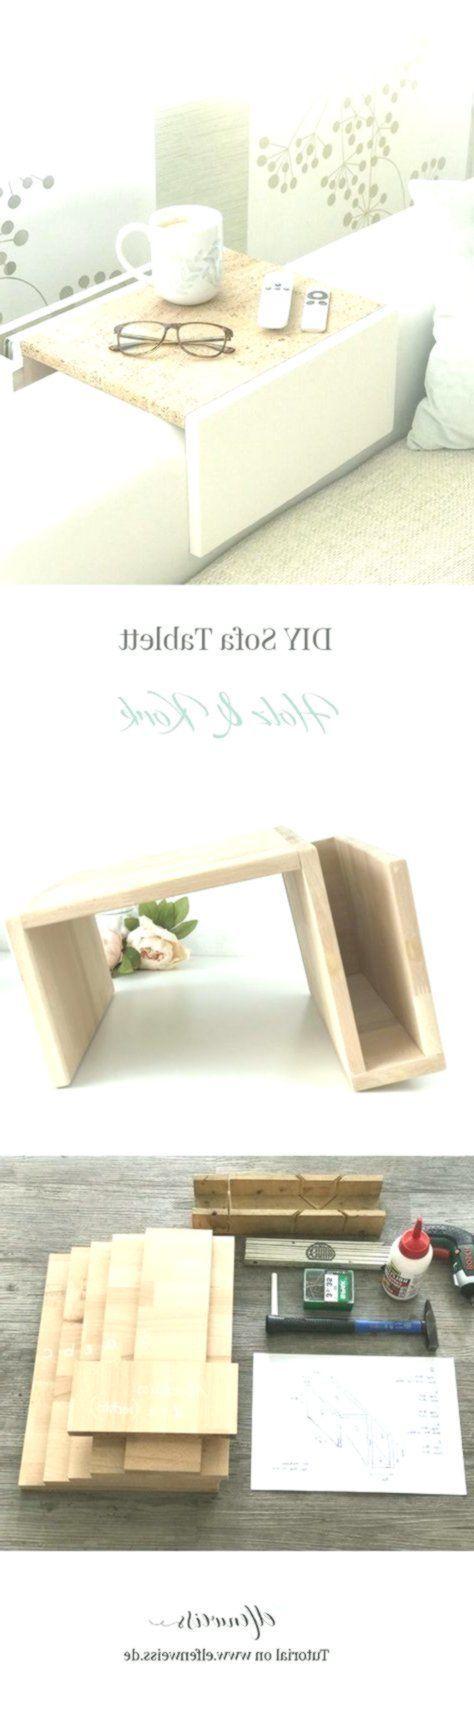 Mach es dir selbst: Sofa Tablett auf einer Wiese mit Korkhose #homeaccents #hom …, #auf #d…